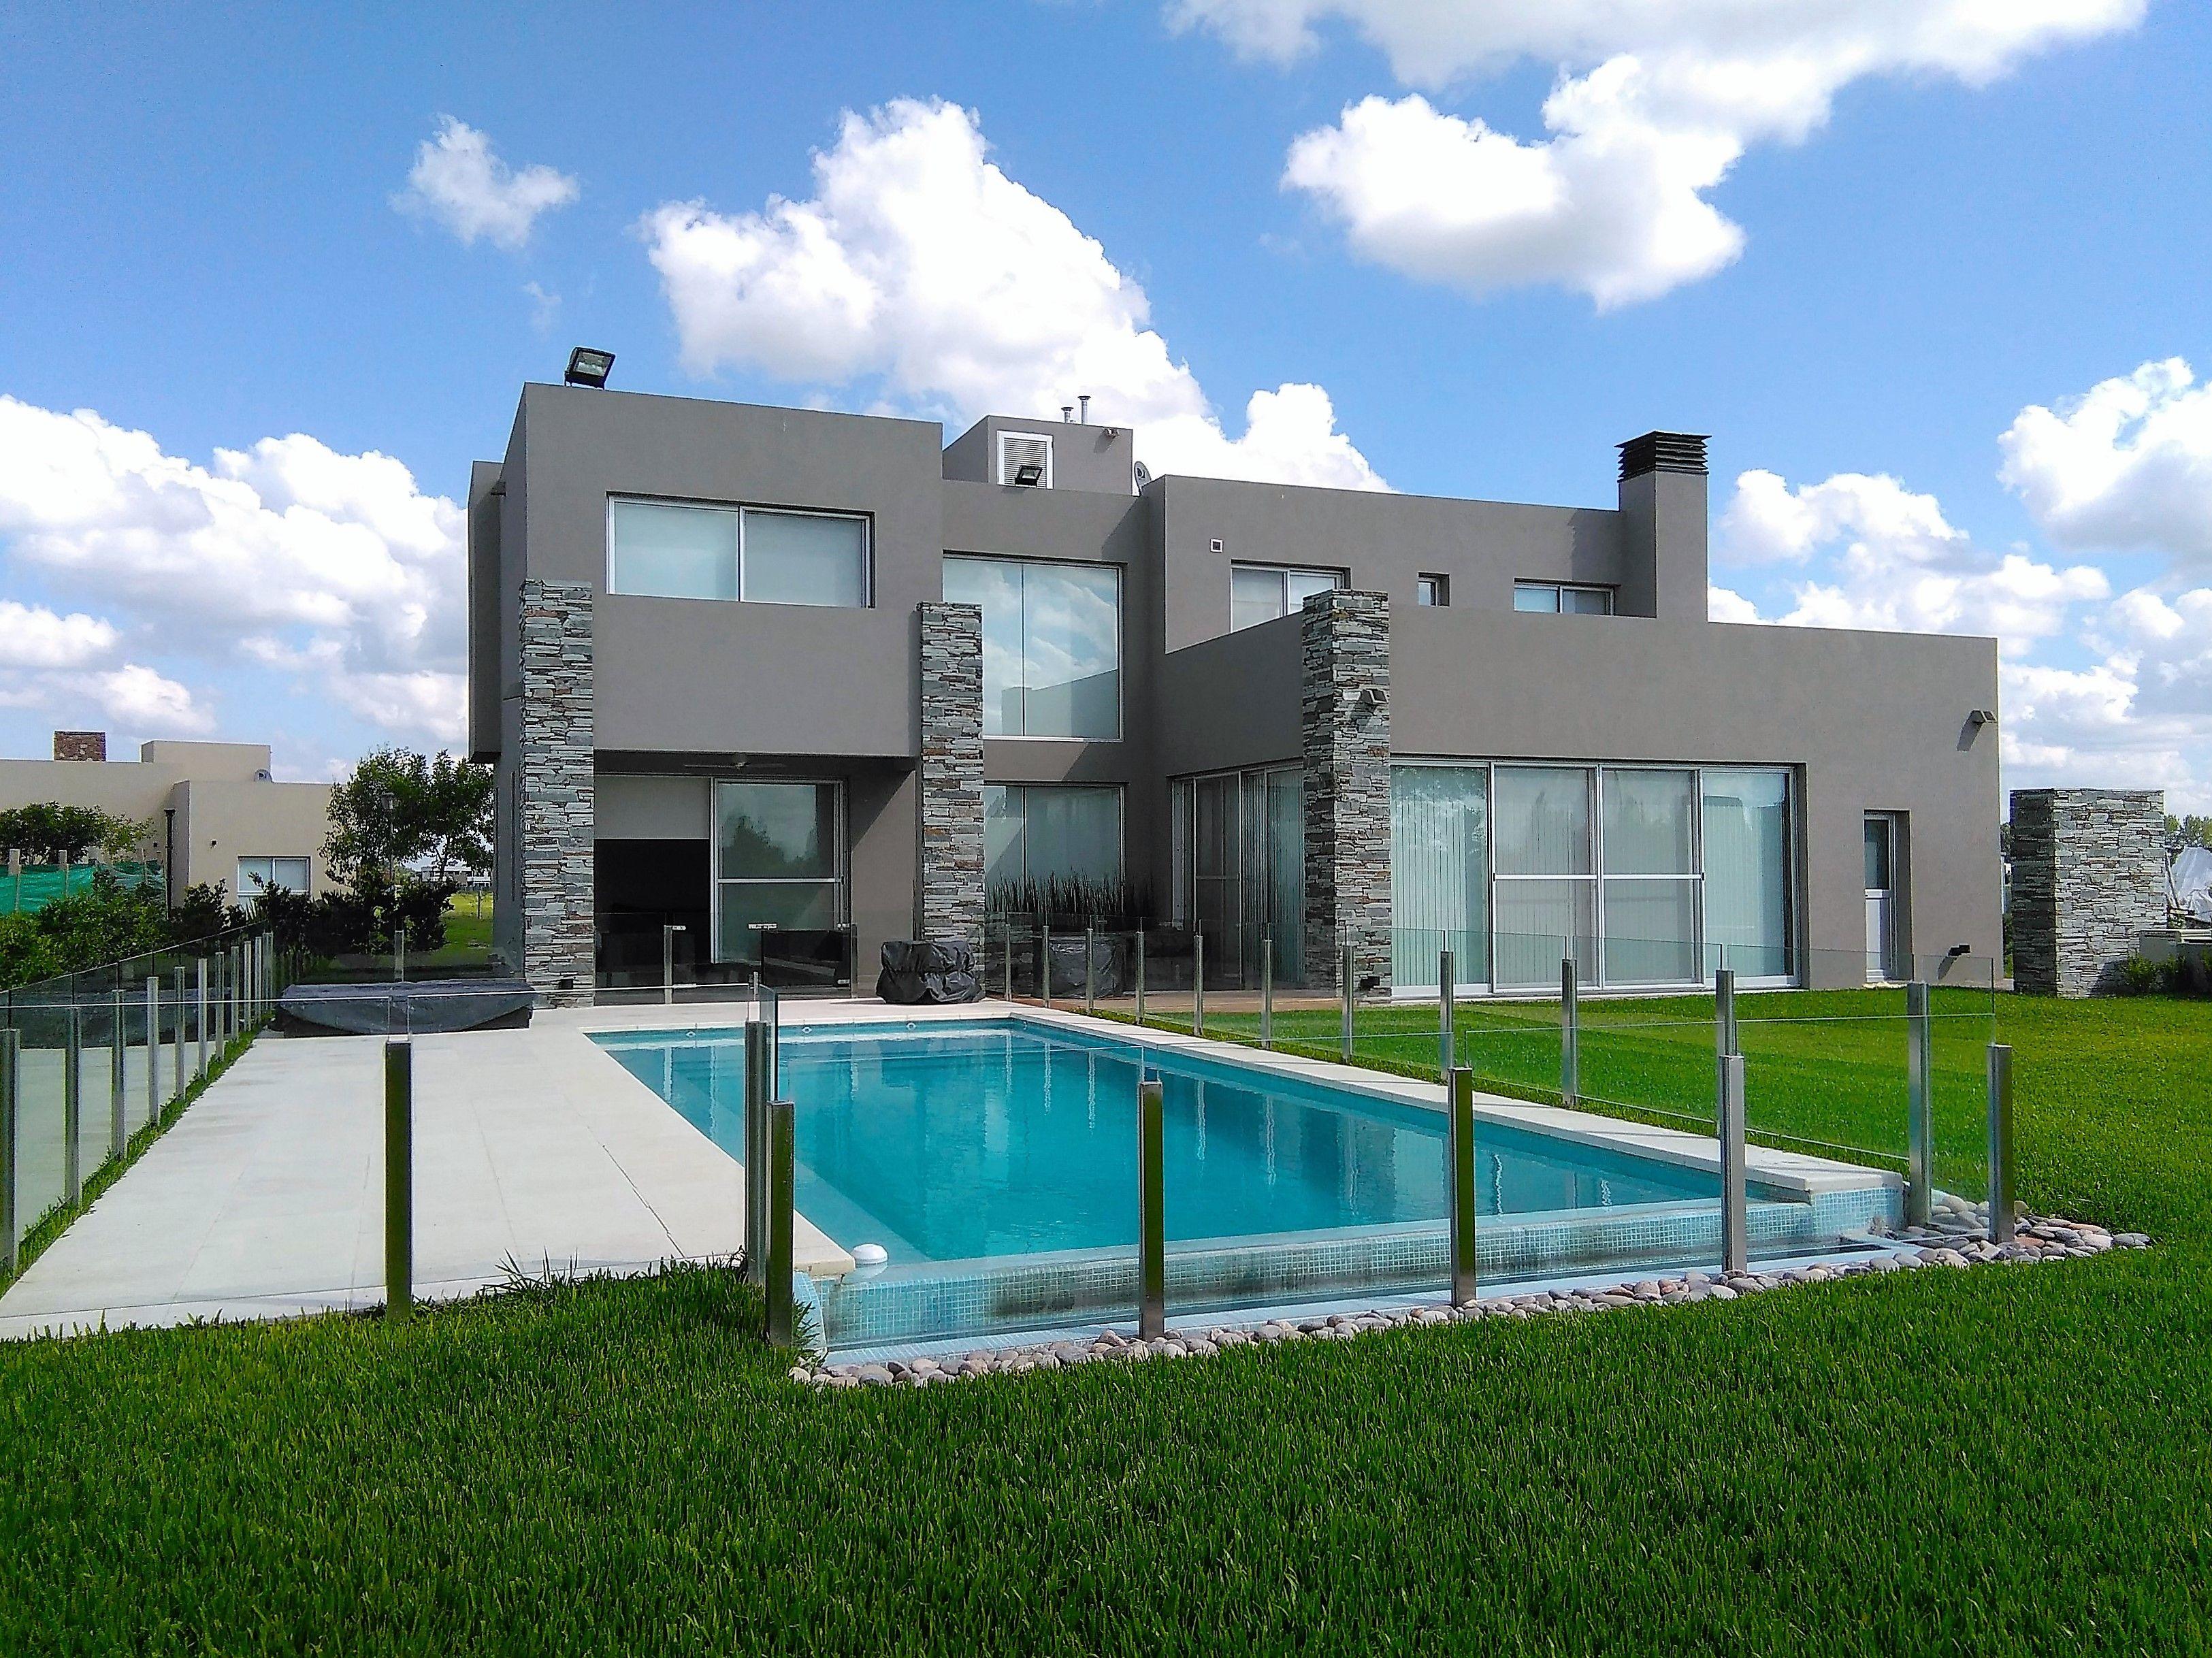 casa country en venta / francisco Álvarez / minimalista / jardín y